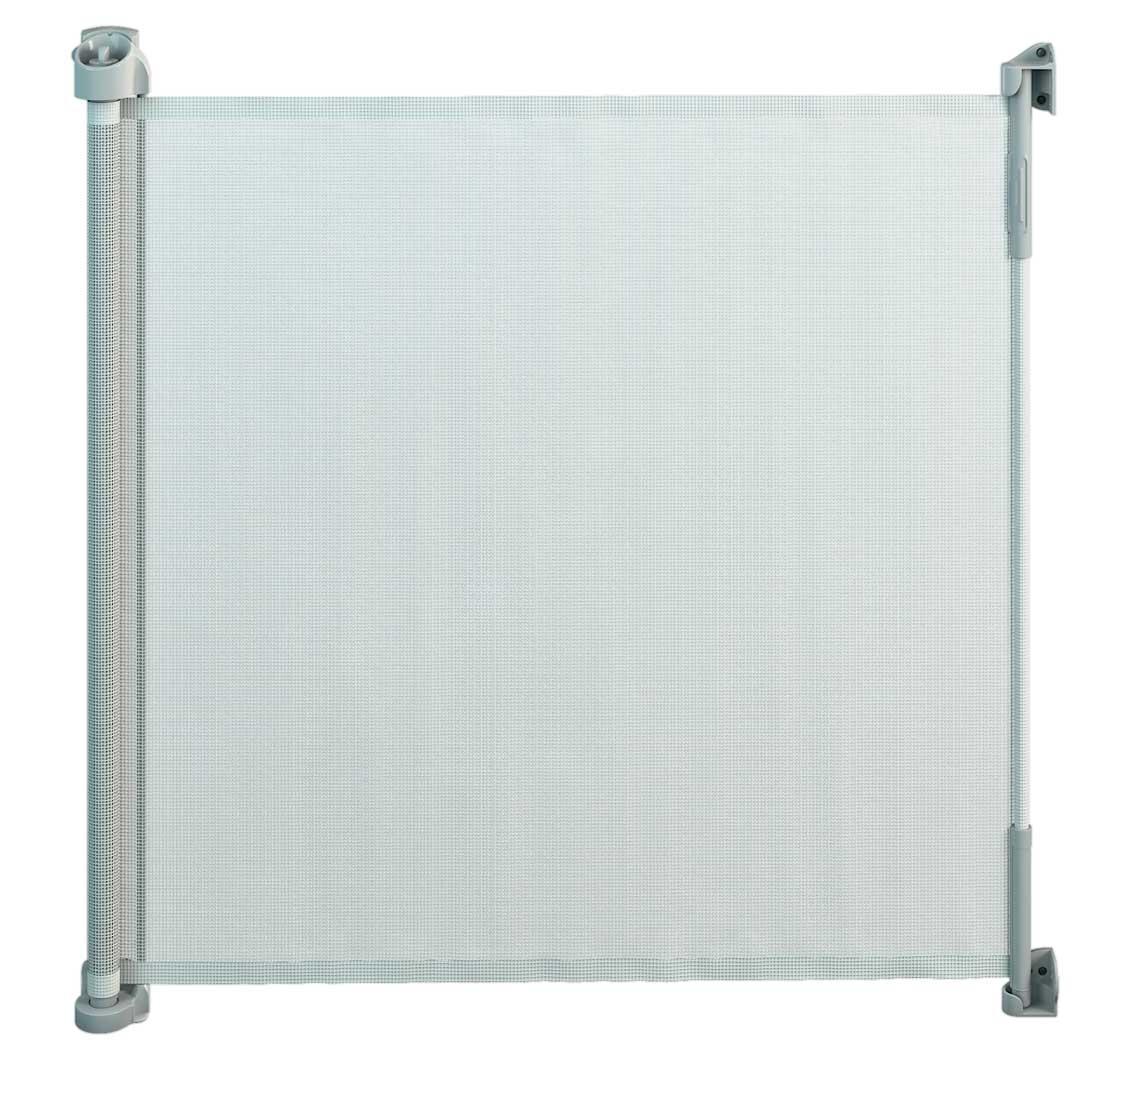 gaterol barreras de seguridad enrollables para escaleras. Black Bedroom Furniture Sets. Home Design Ideas